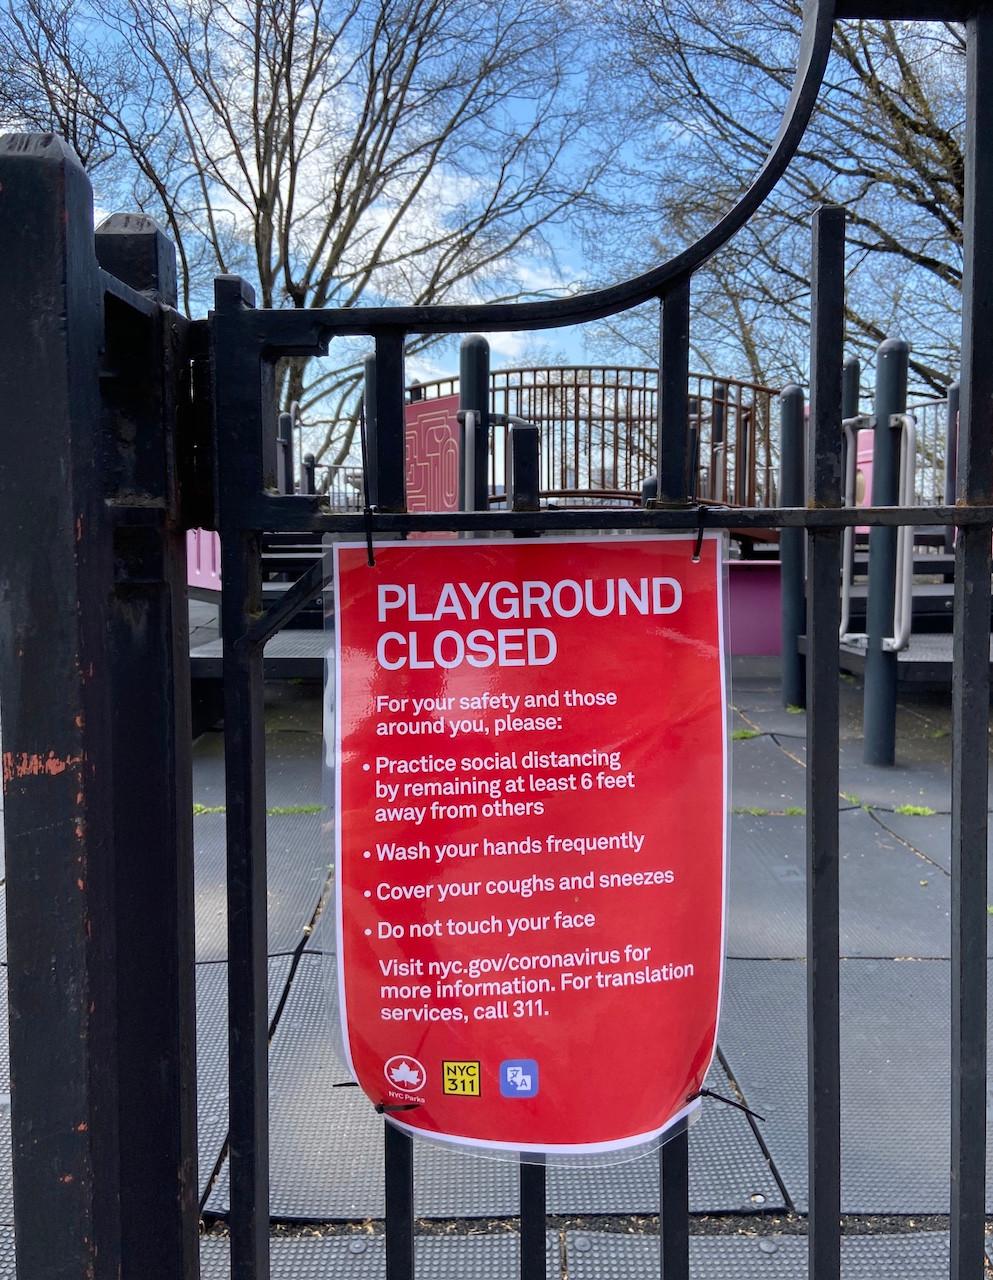 Closed New York playgrounds during the coronavirus pandemic